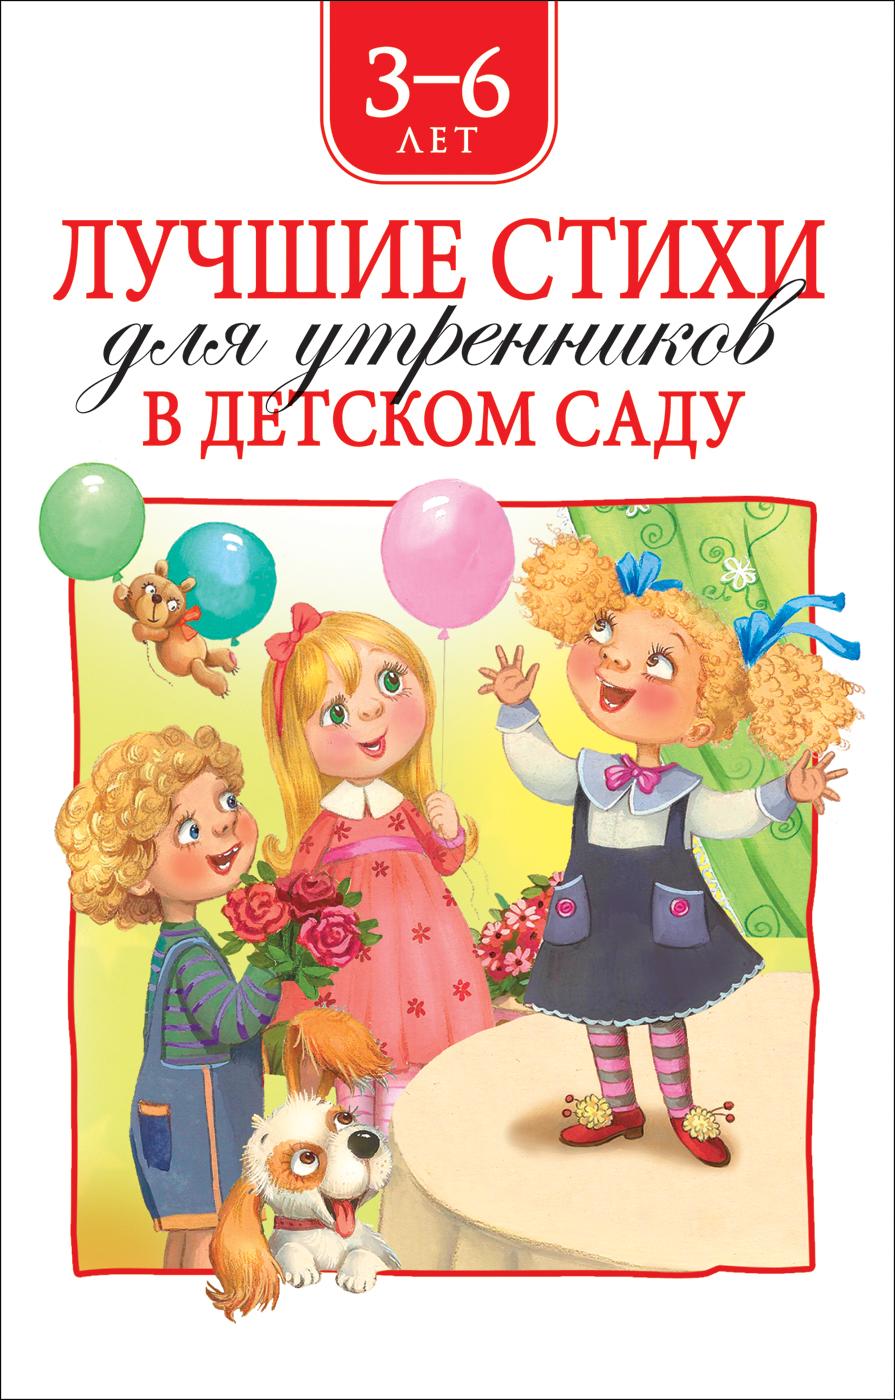 Лучшие стихи для утренников в детском саду. Бунин И. А., Пушкин А. С., Фет А. А. и др.